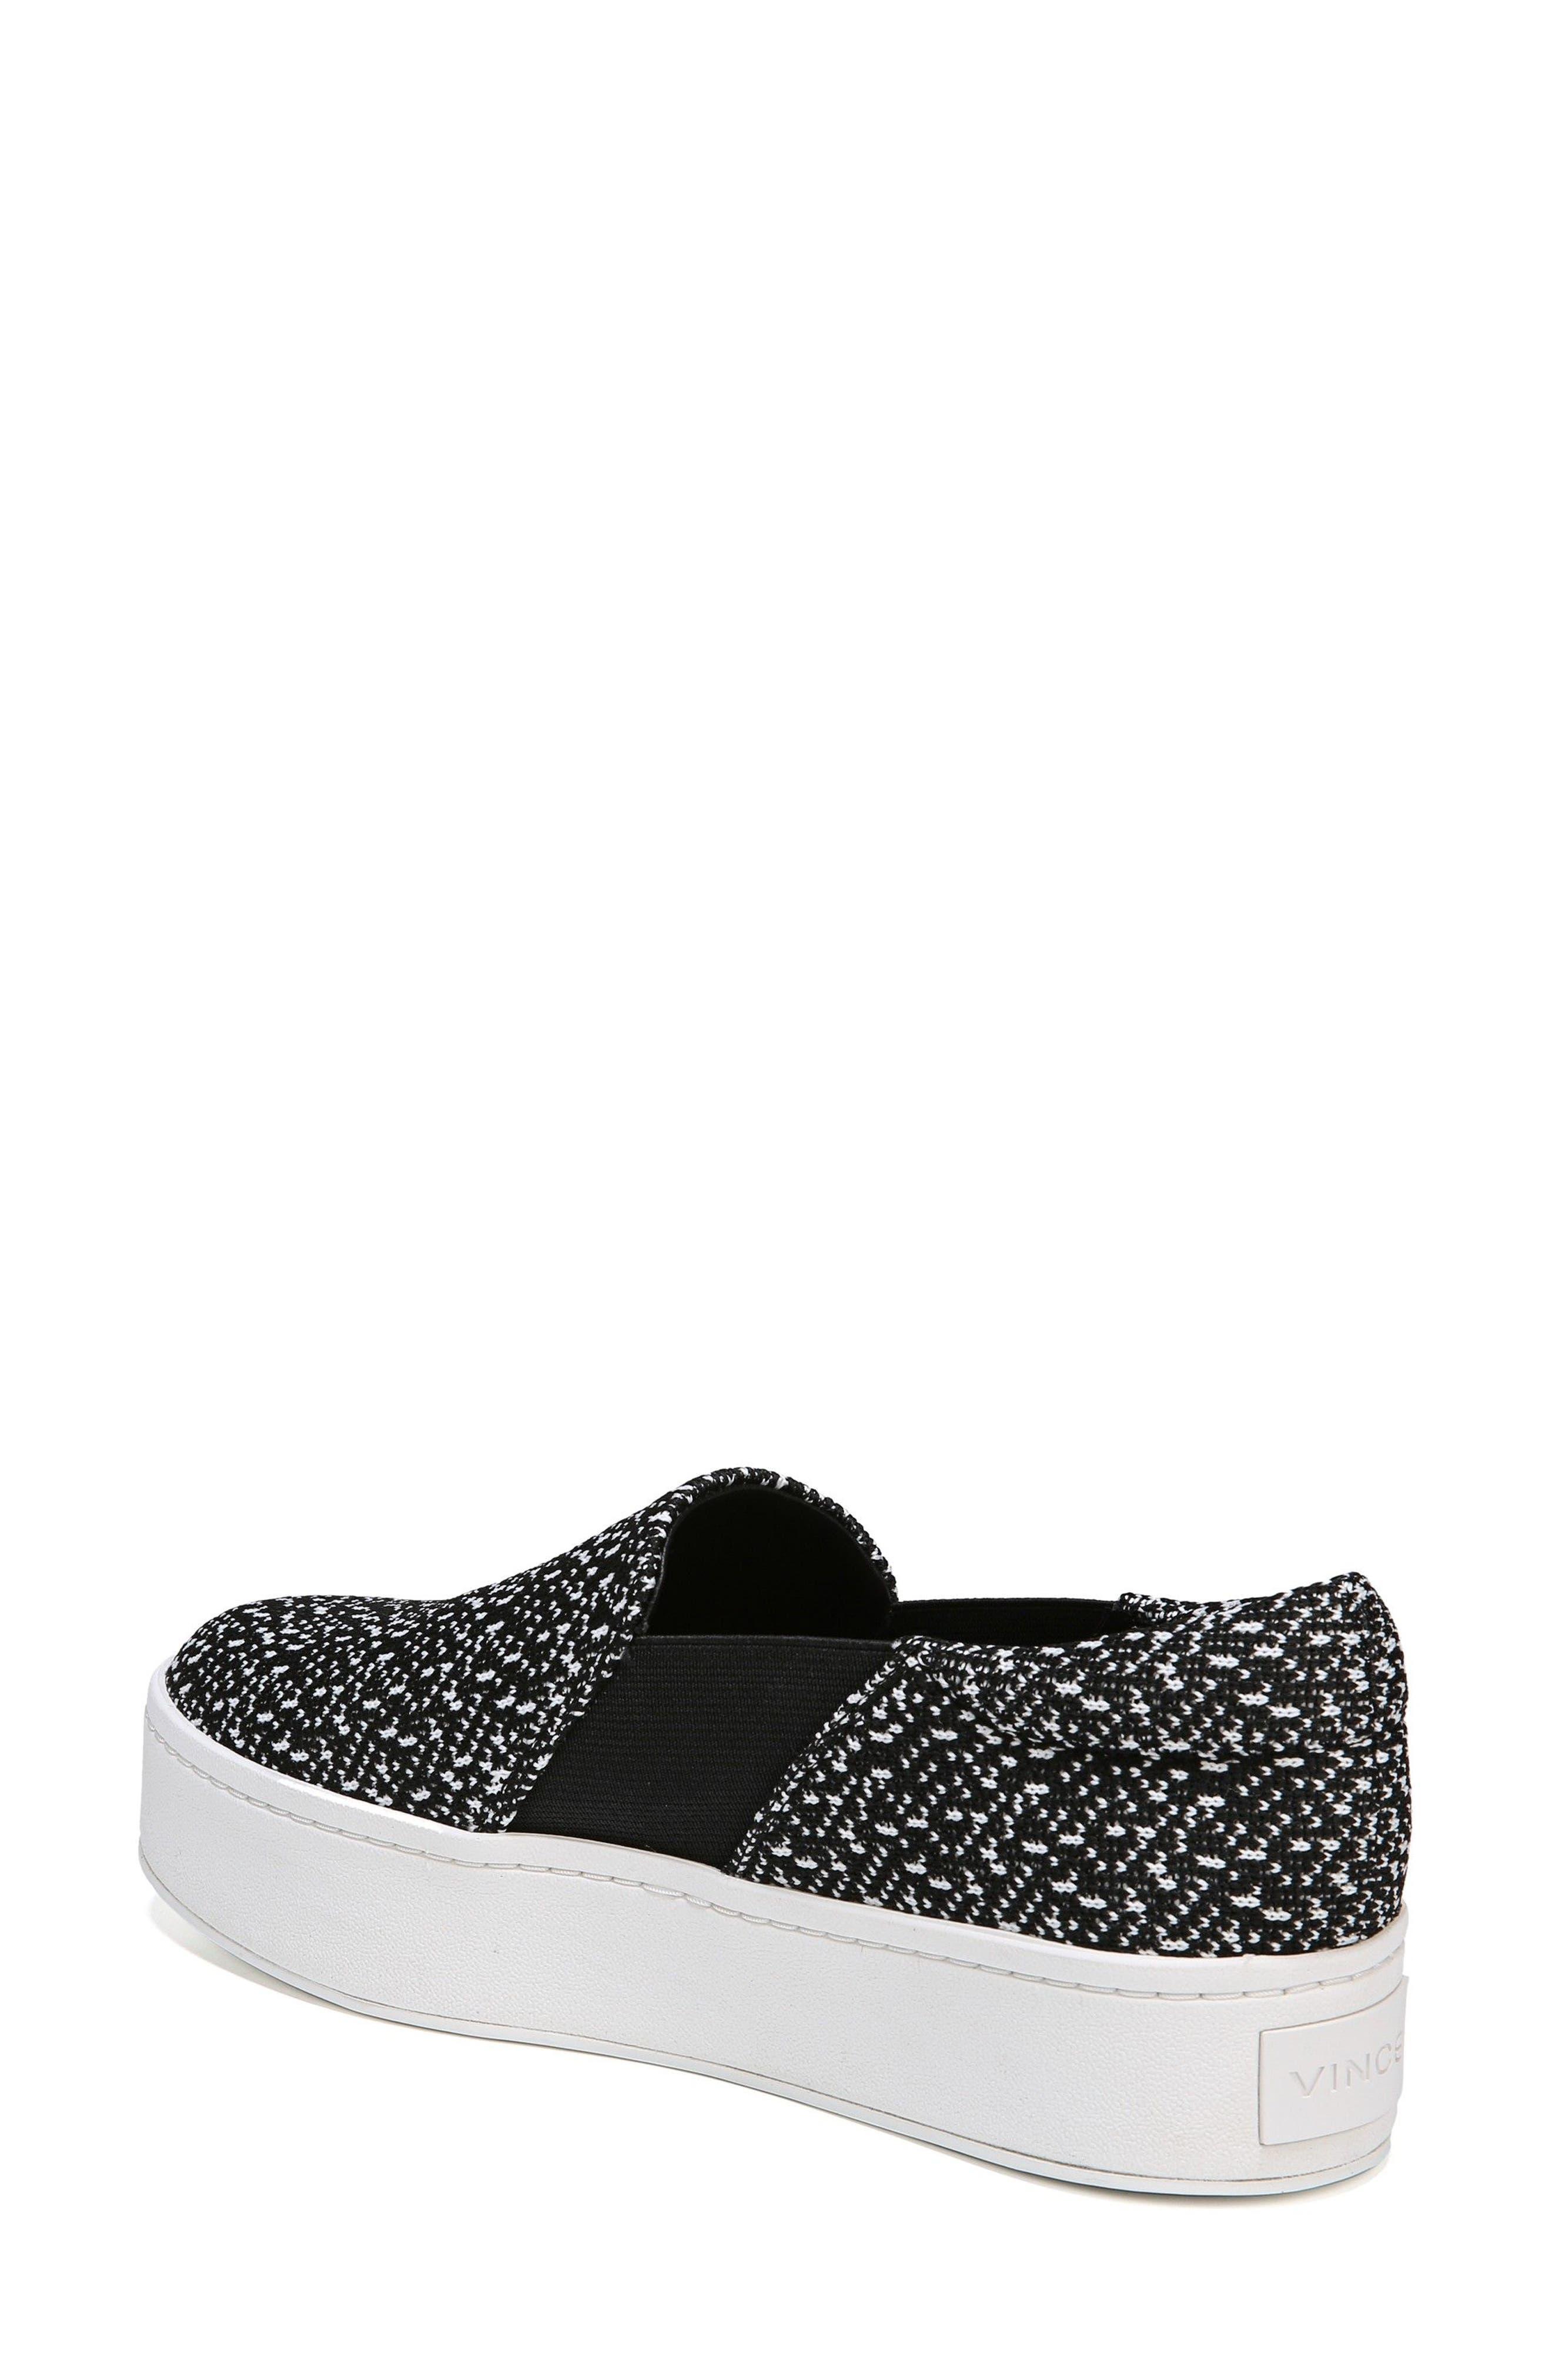 Warren Slip-On Sneaker,                             Alternate thumbnail 2, color,                             BLACK/ WHITE